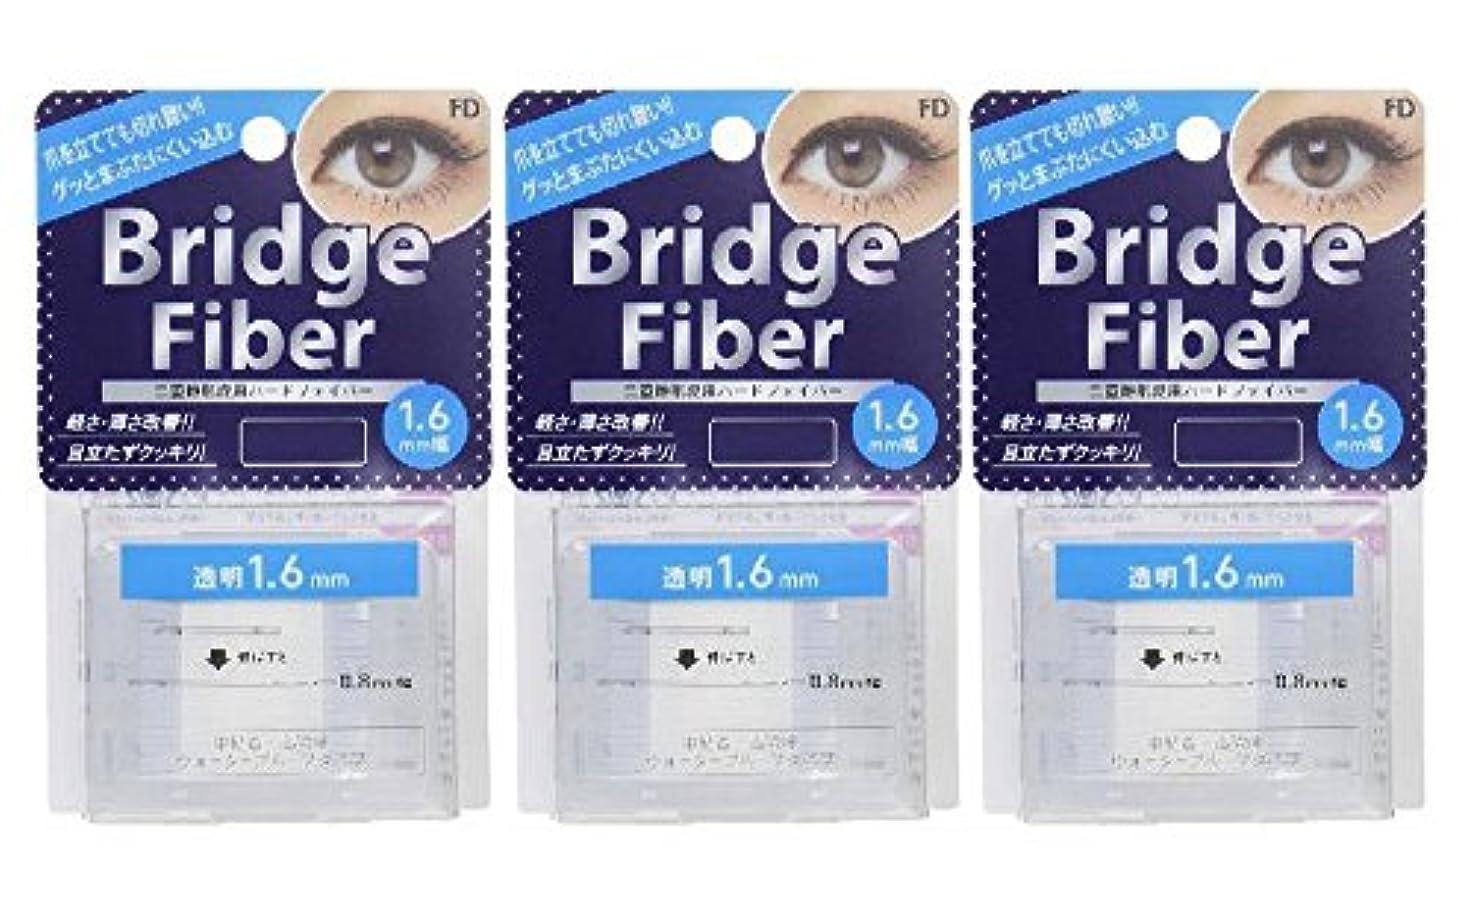 ありそうスラッククリケットFD ブリッジファイバーII (眼瞼下垂防止テープ) 3個セット 透明 1.6mm